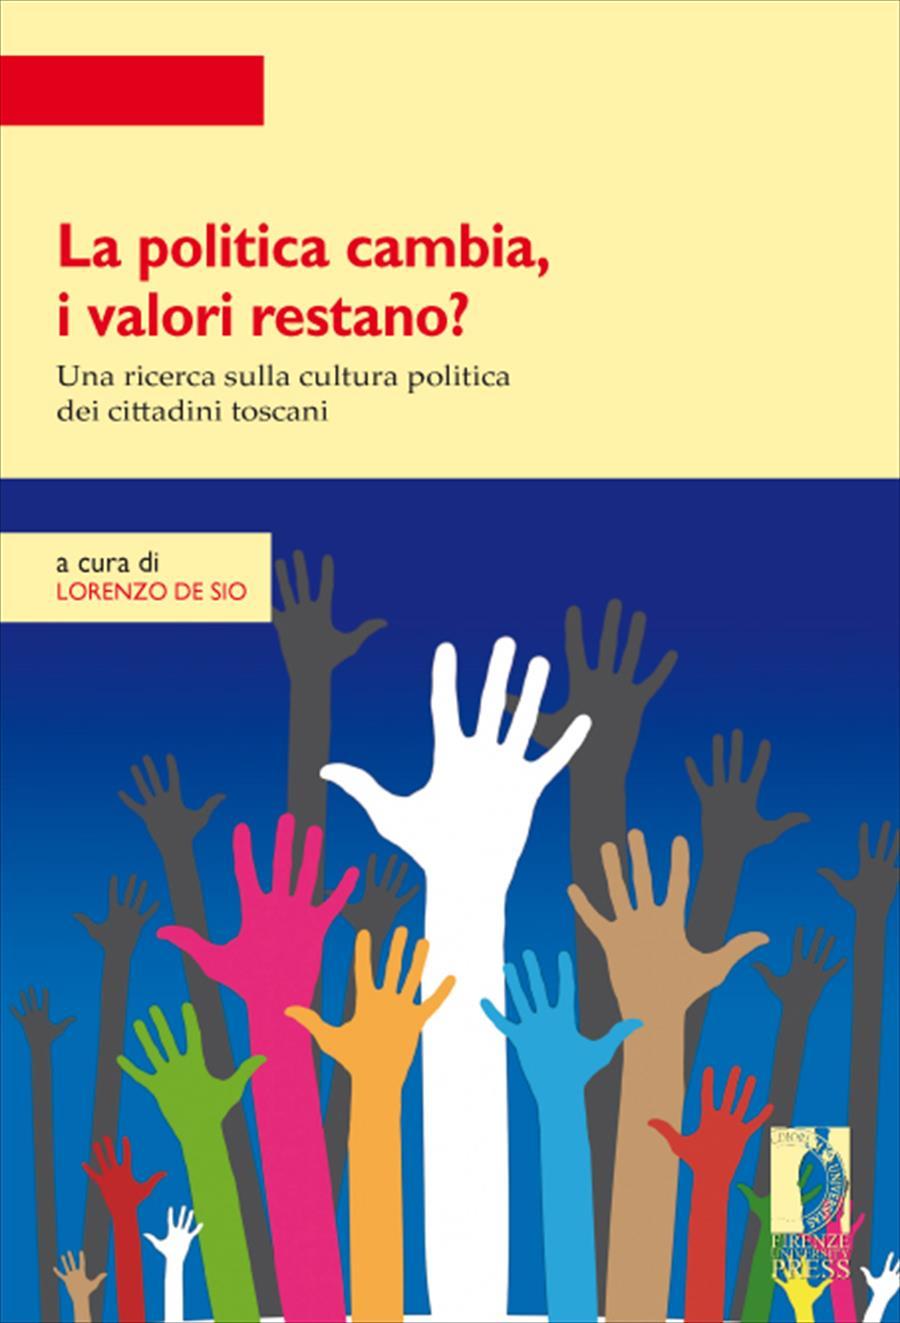 La politica cambia, i valori restano? Una ricerca quantitativa e qualitativa sulla cultura politica in Toscana